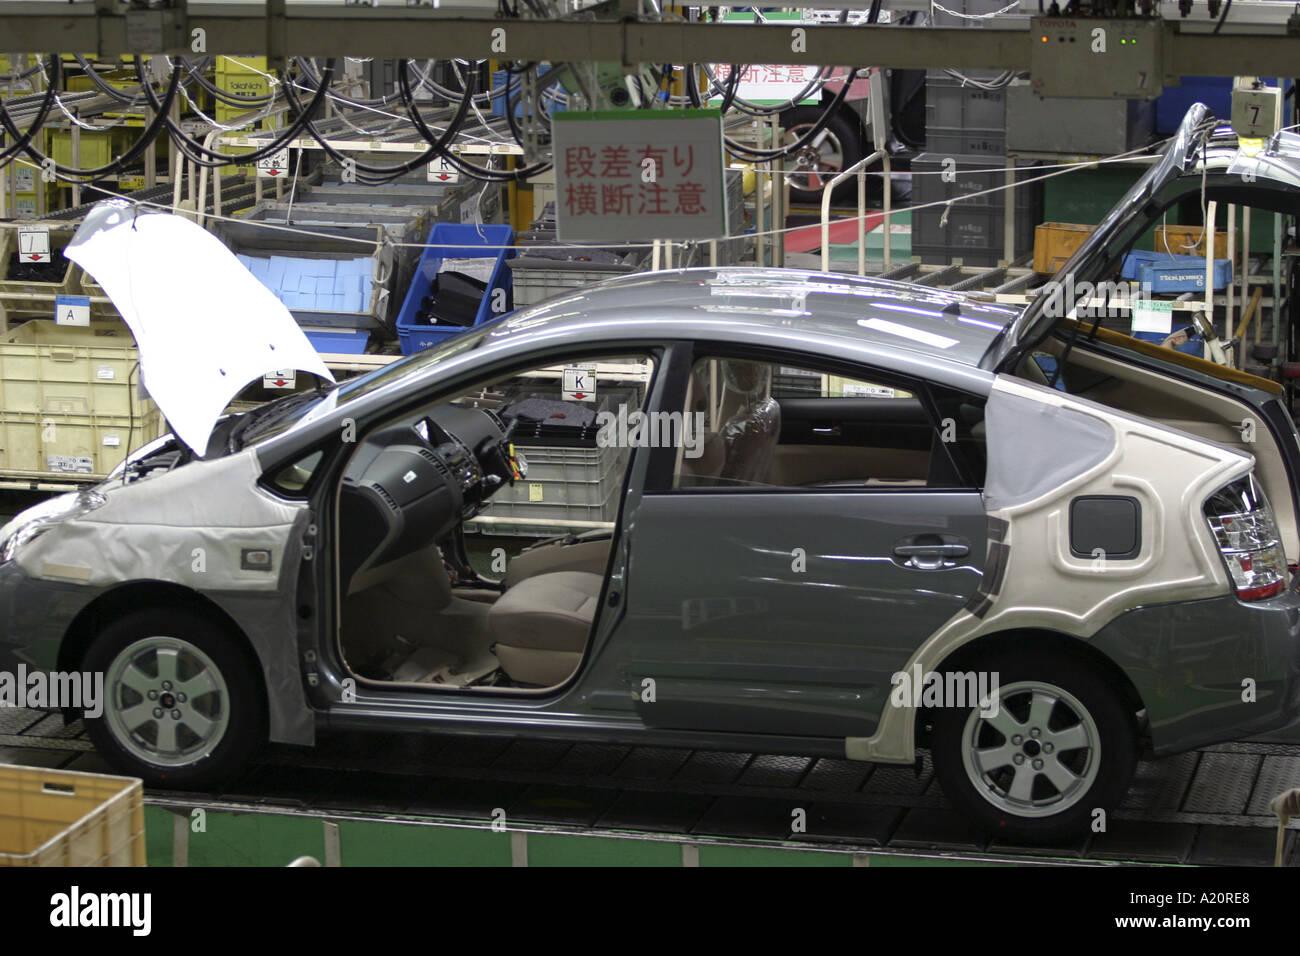 Una Toyota Prius ibrida auto viene assemblato sulla linea di produzione presso la fabbrica di Tsutsumi nella città di Toyota, Nagoya, Giappone Immagini Stock